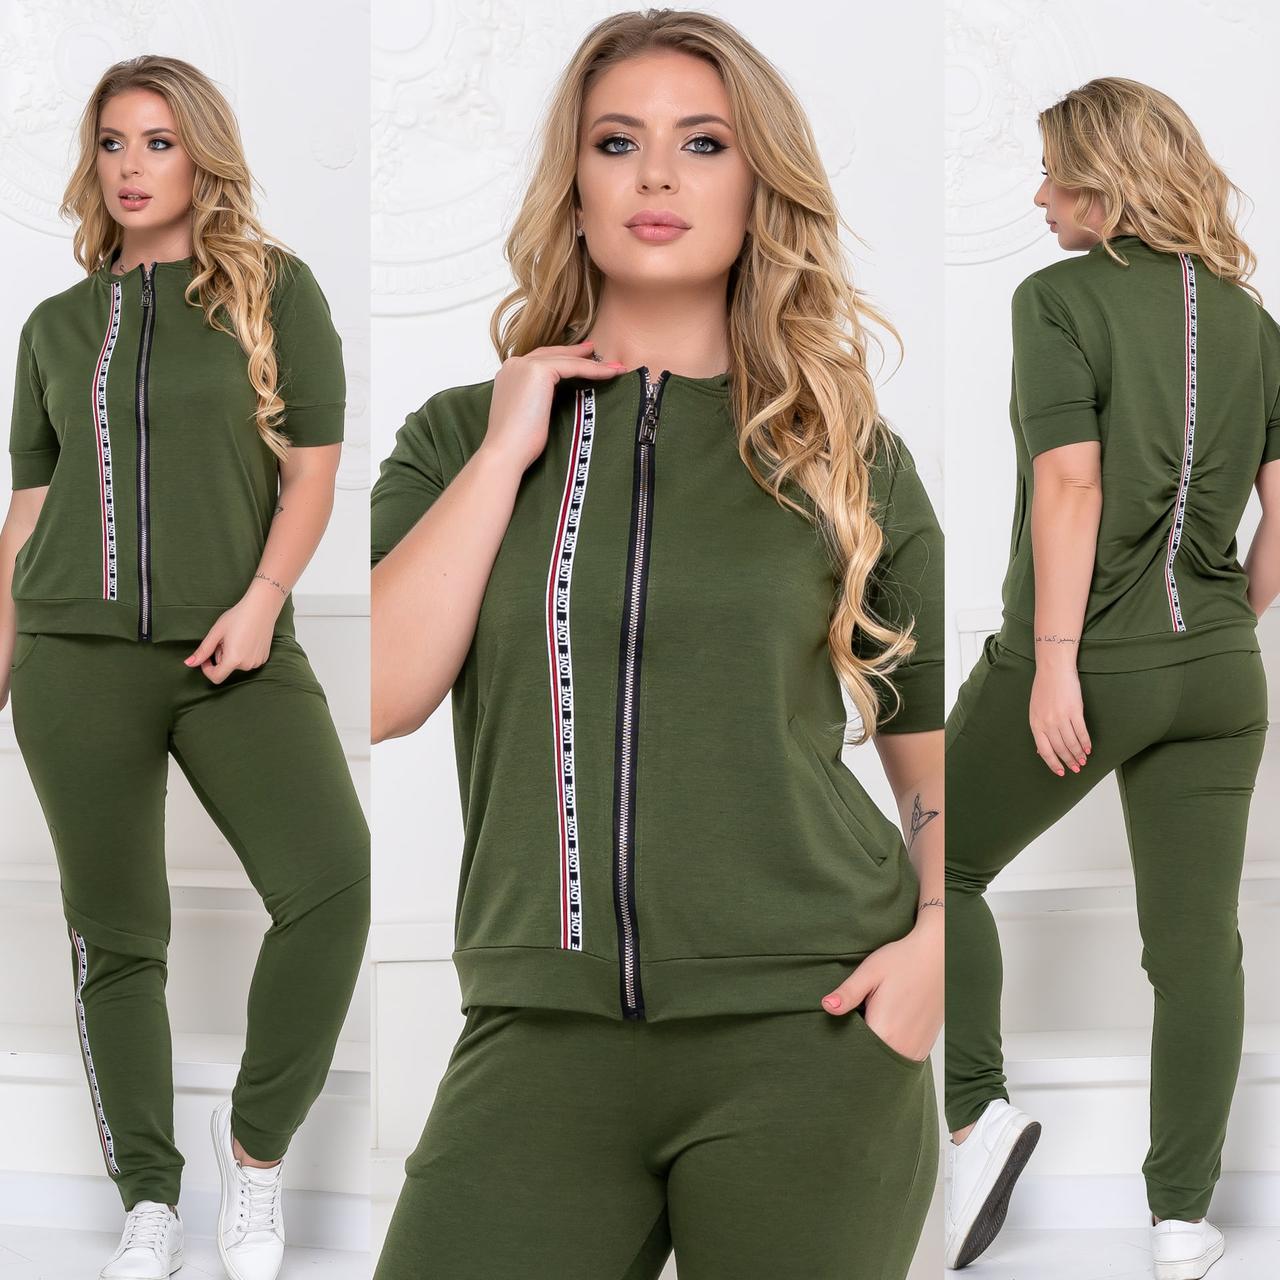 Летний прогулочный костюм женский Турецкая двунитка Размер 48 50 52 54 56 58 60 62 Разные цвета